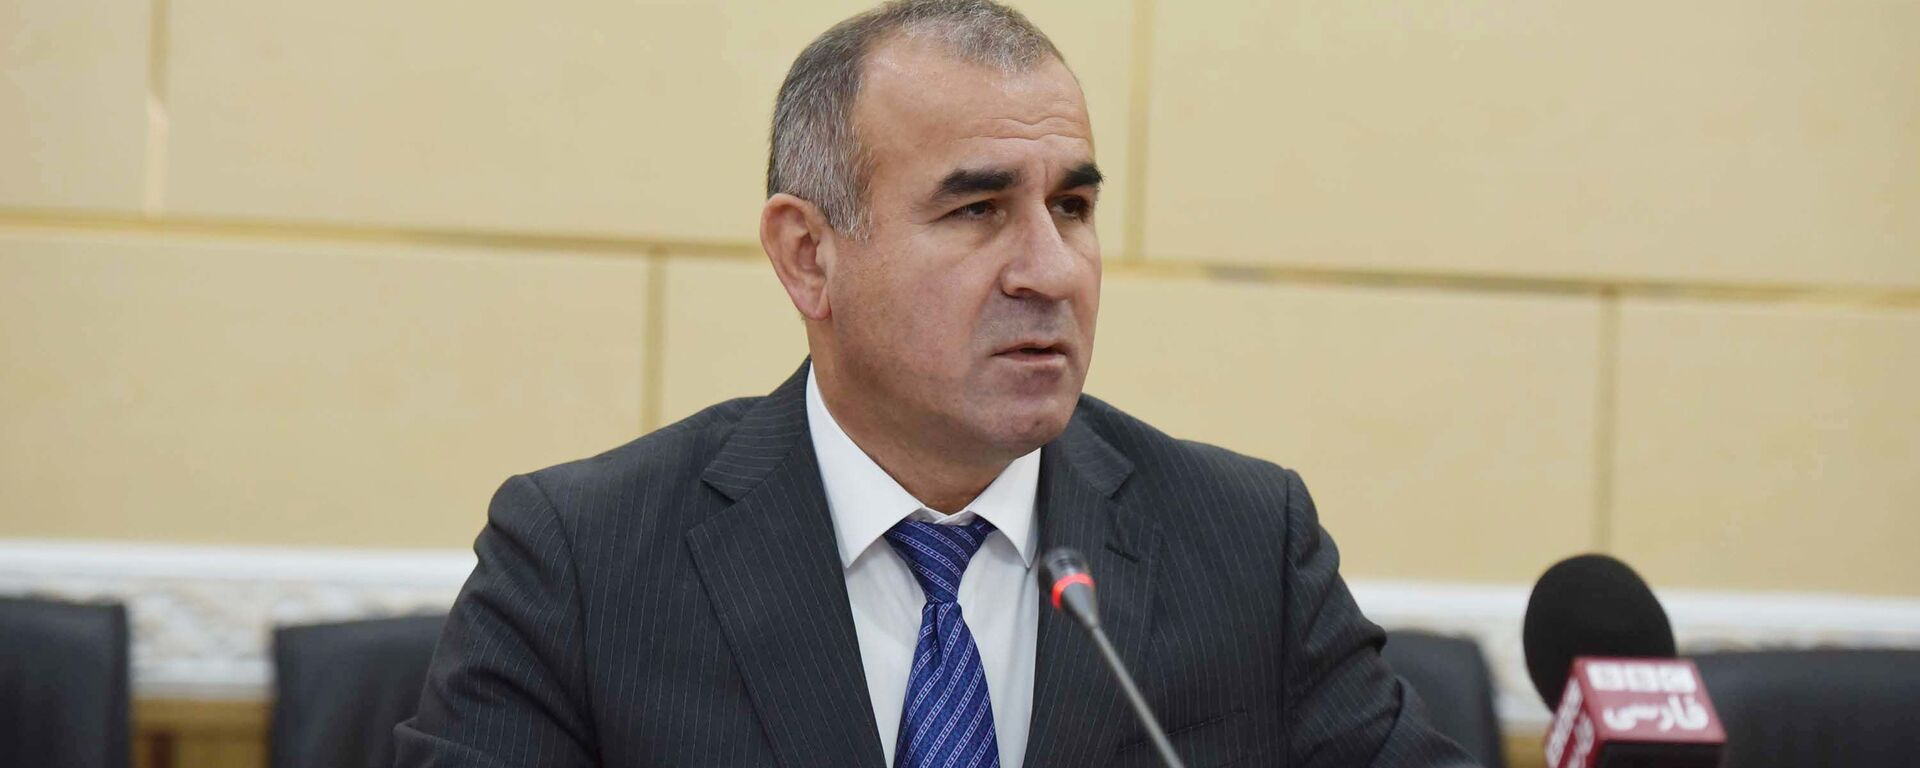 Генпрокурор Таджикистана Юсуф Рахмон - Sputnik Таджикистан, 1920, 30.07.2021